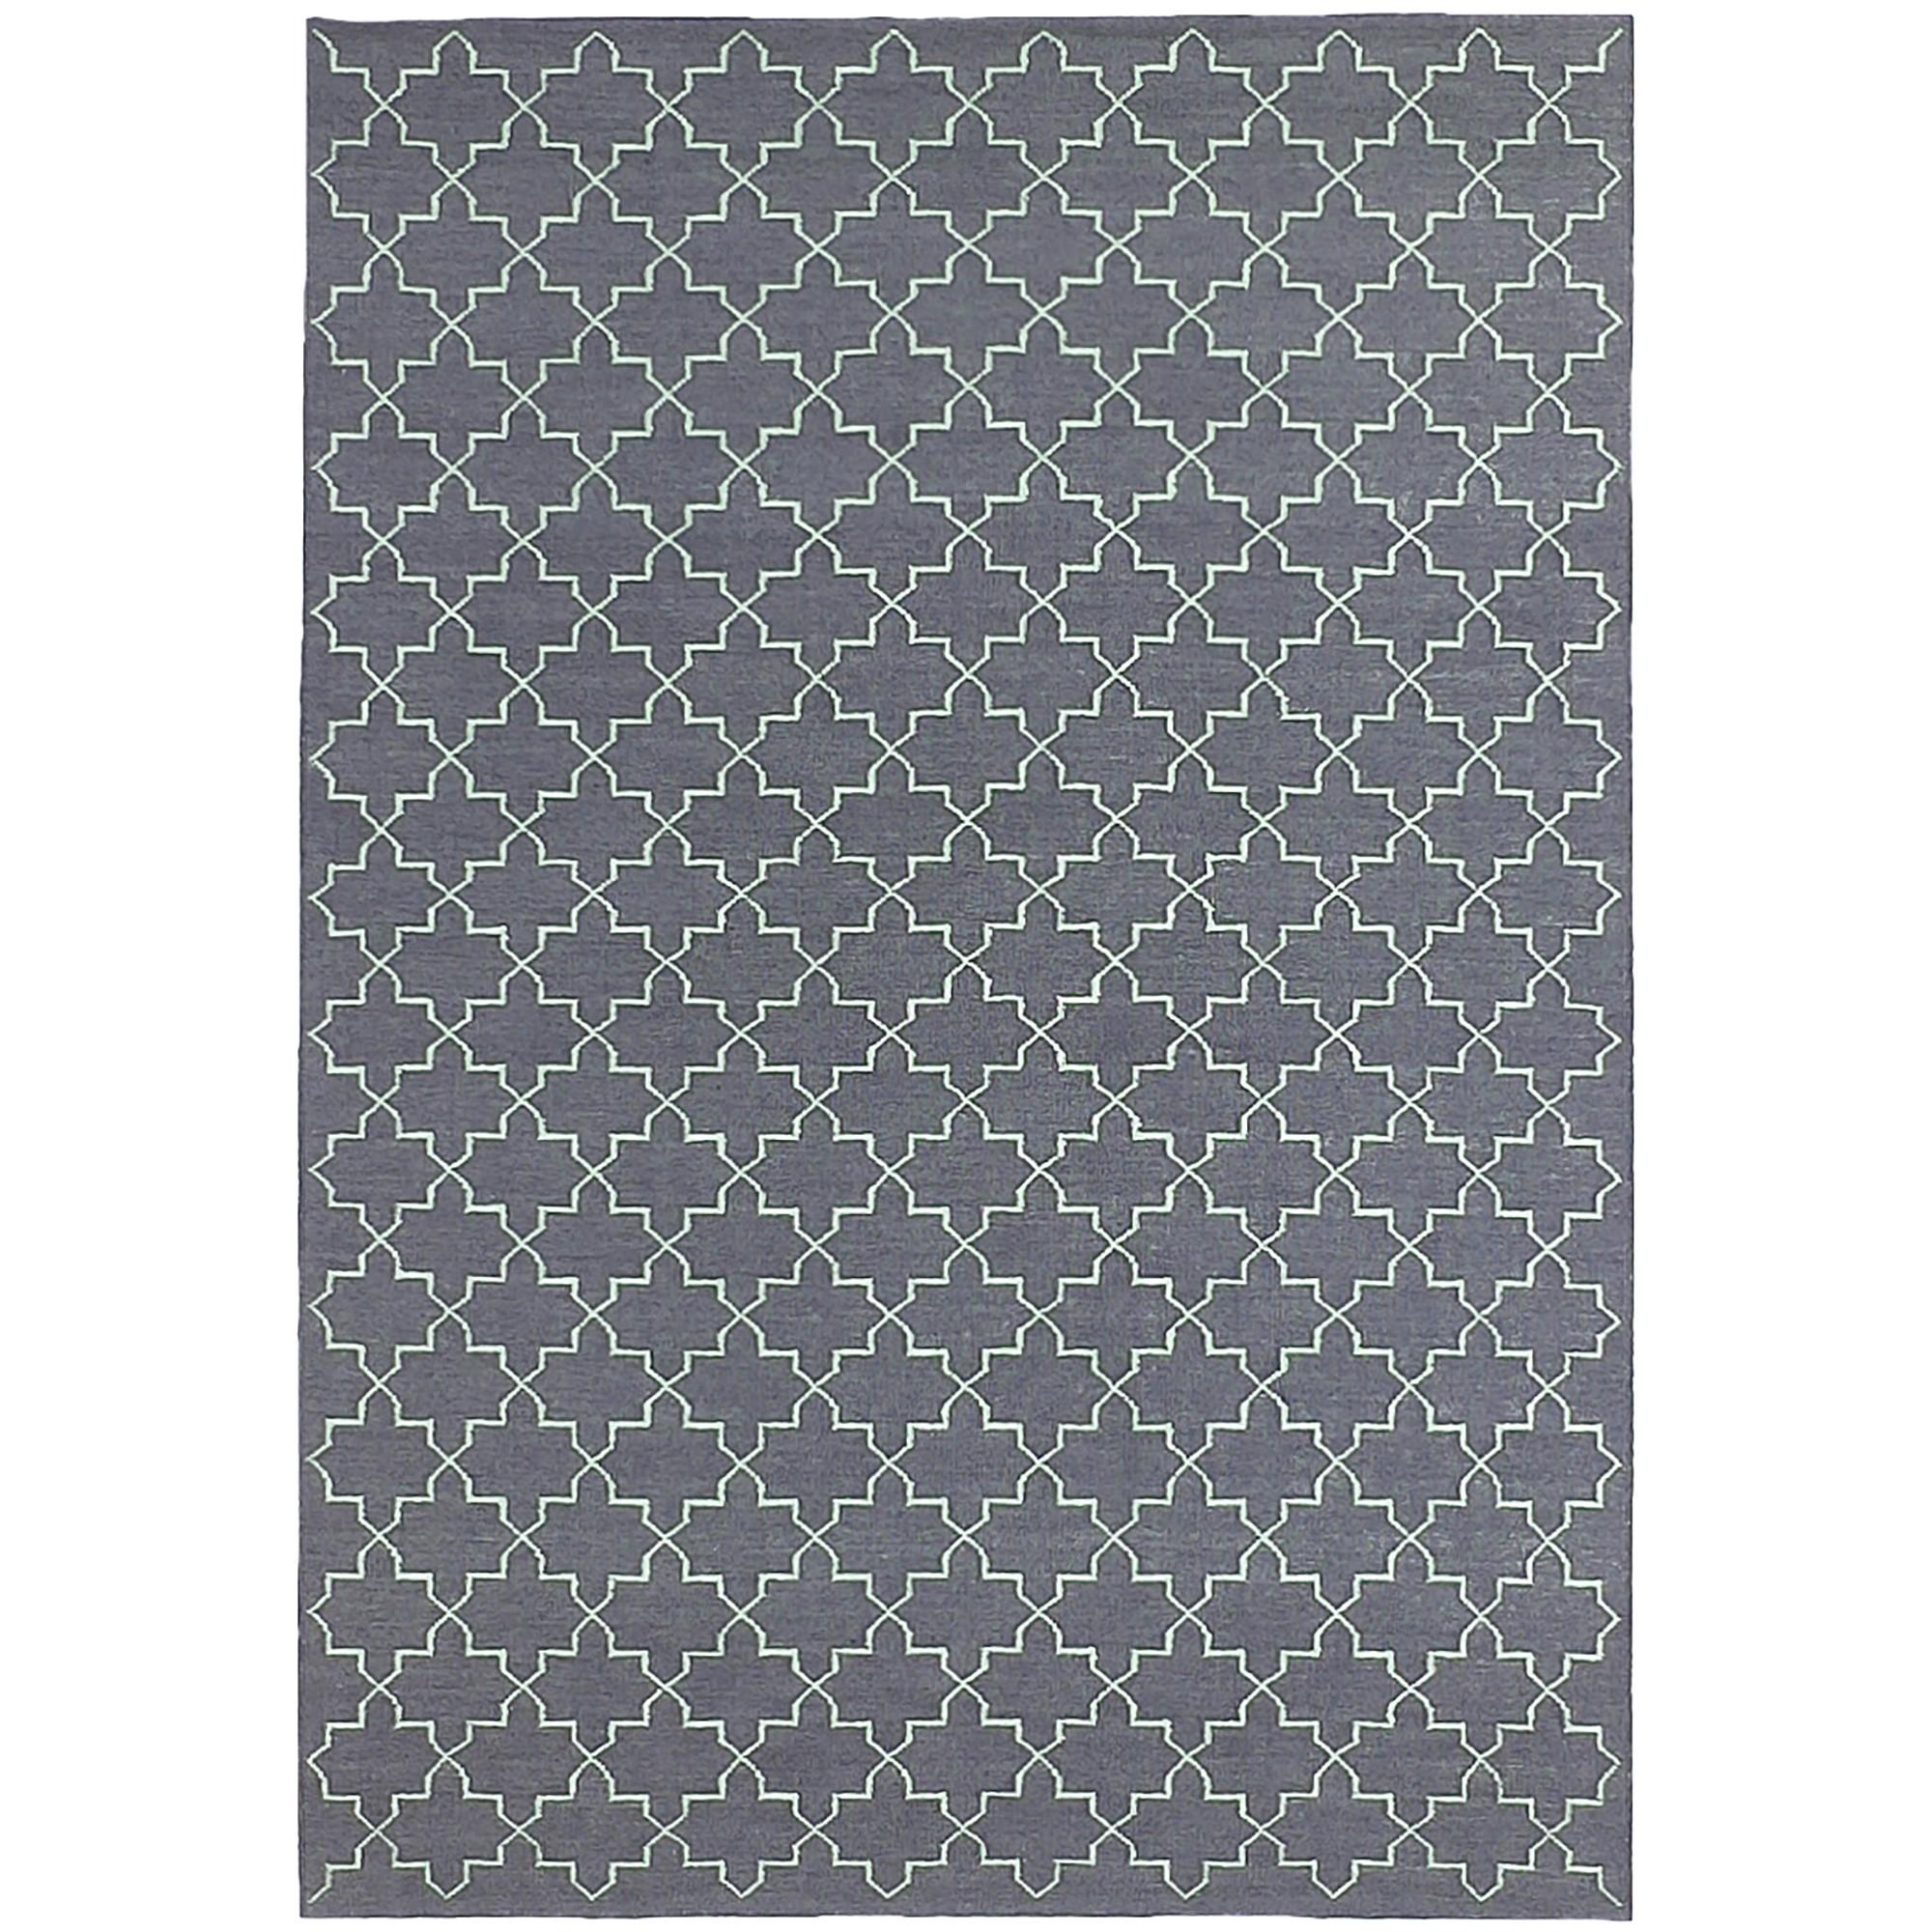 Moroc Hand Woven Wool Rug, 250x300cm, Grey